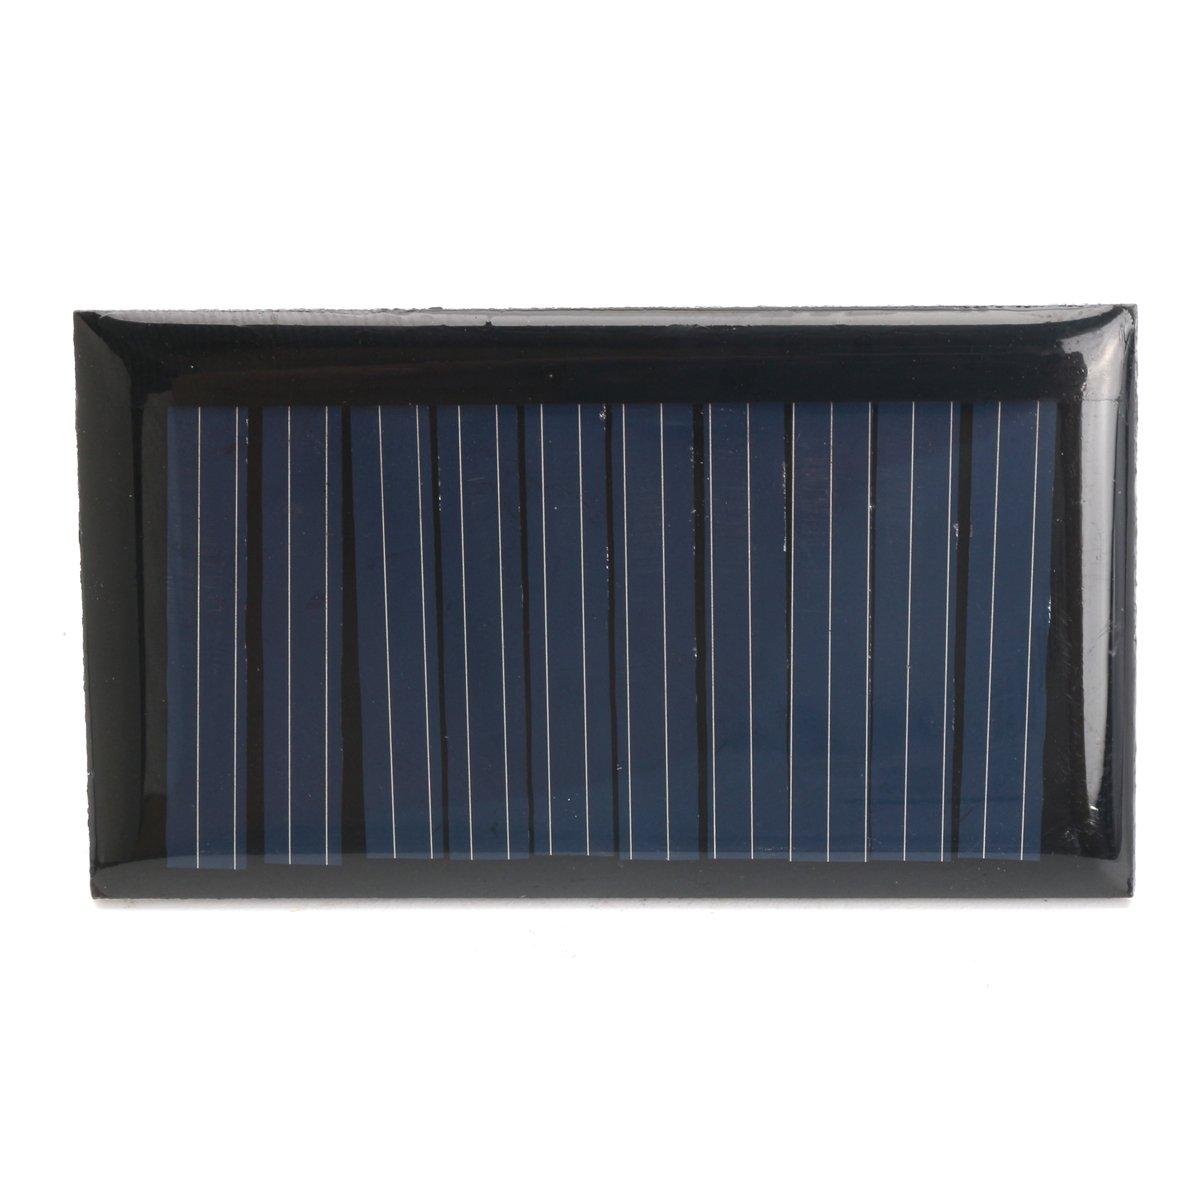 dDanke 30mA 5V 53* 30mm Micro Mini Power cellules solaires 1PC sans fils pour panneaux solaires